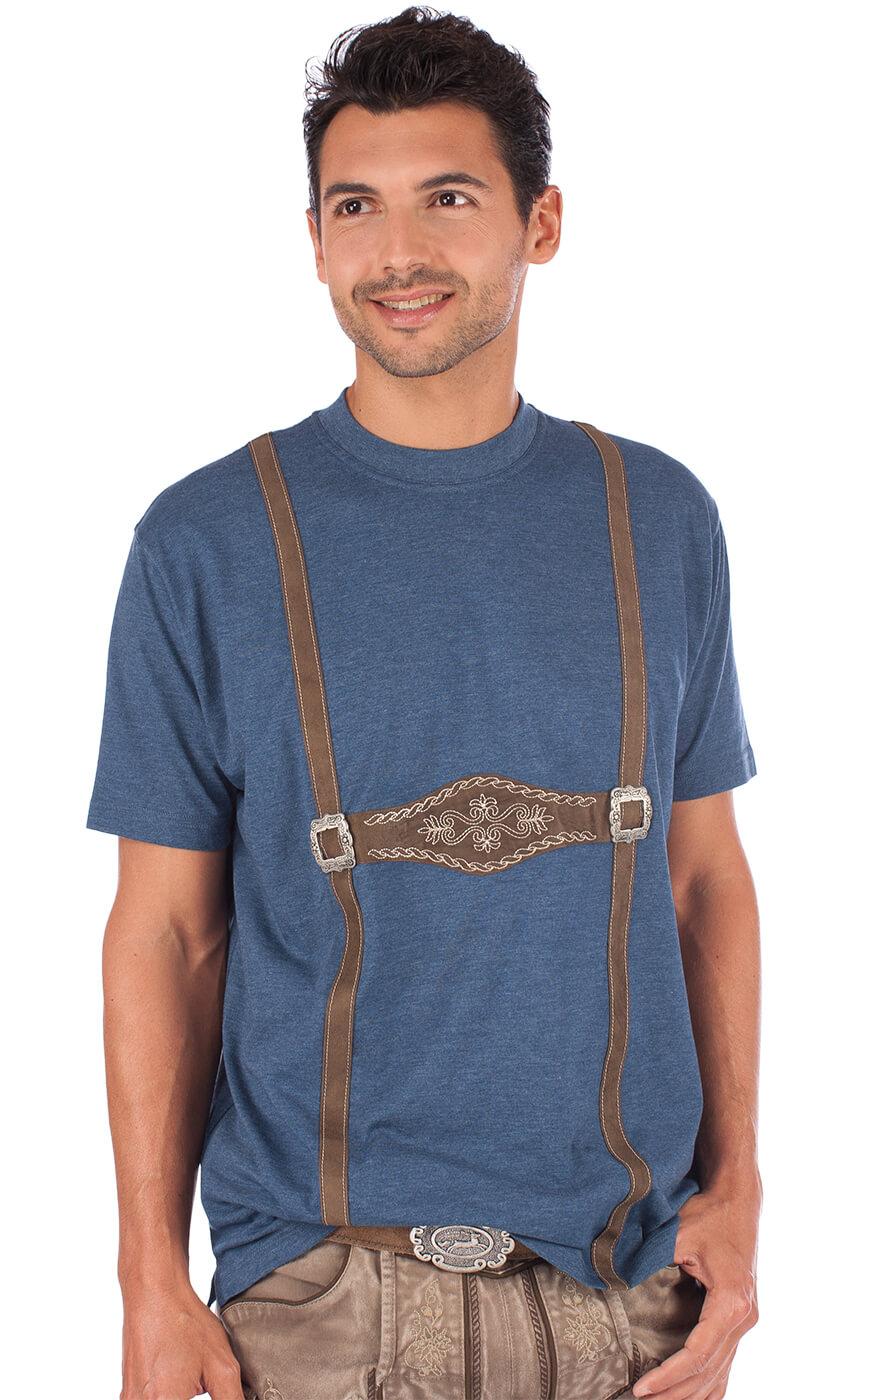 Trachtenshirt T-Shirt 928001-3460-42blauw von OS-Trachten